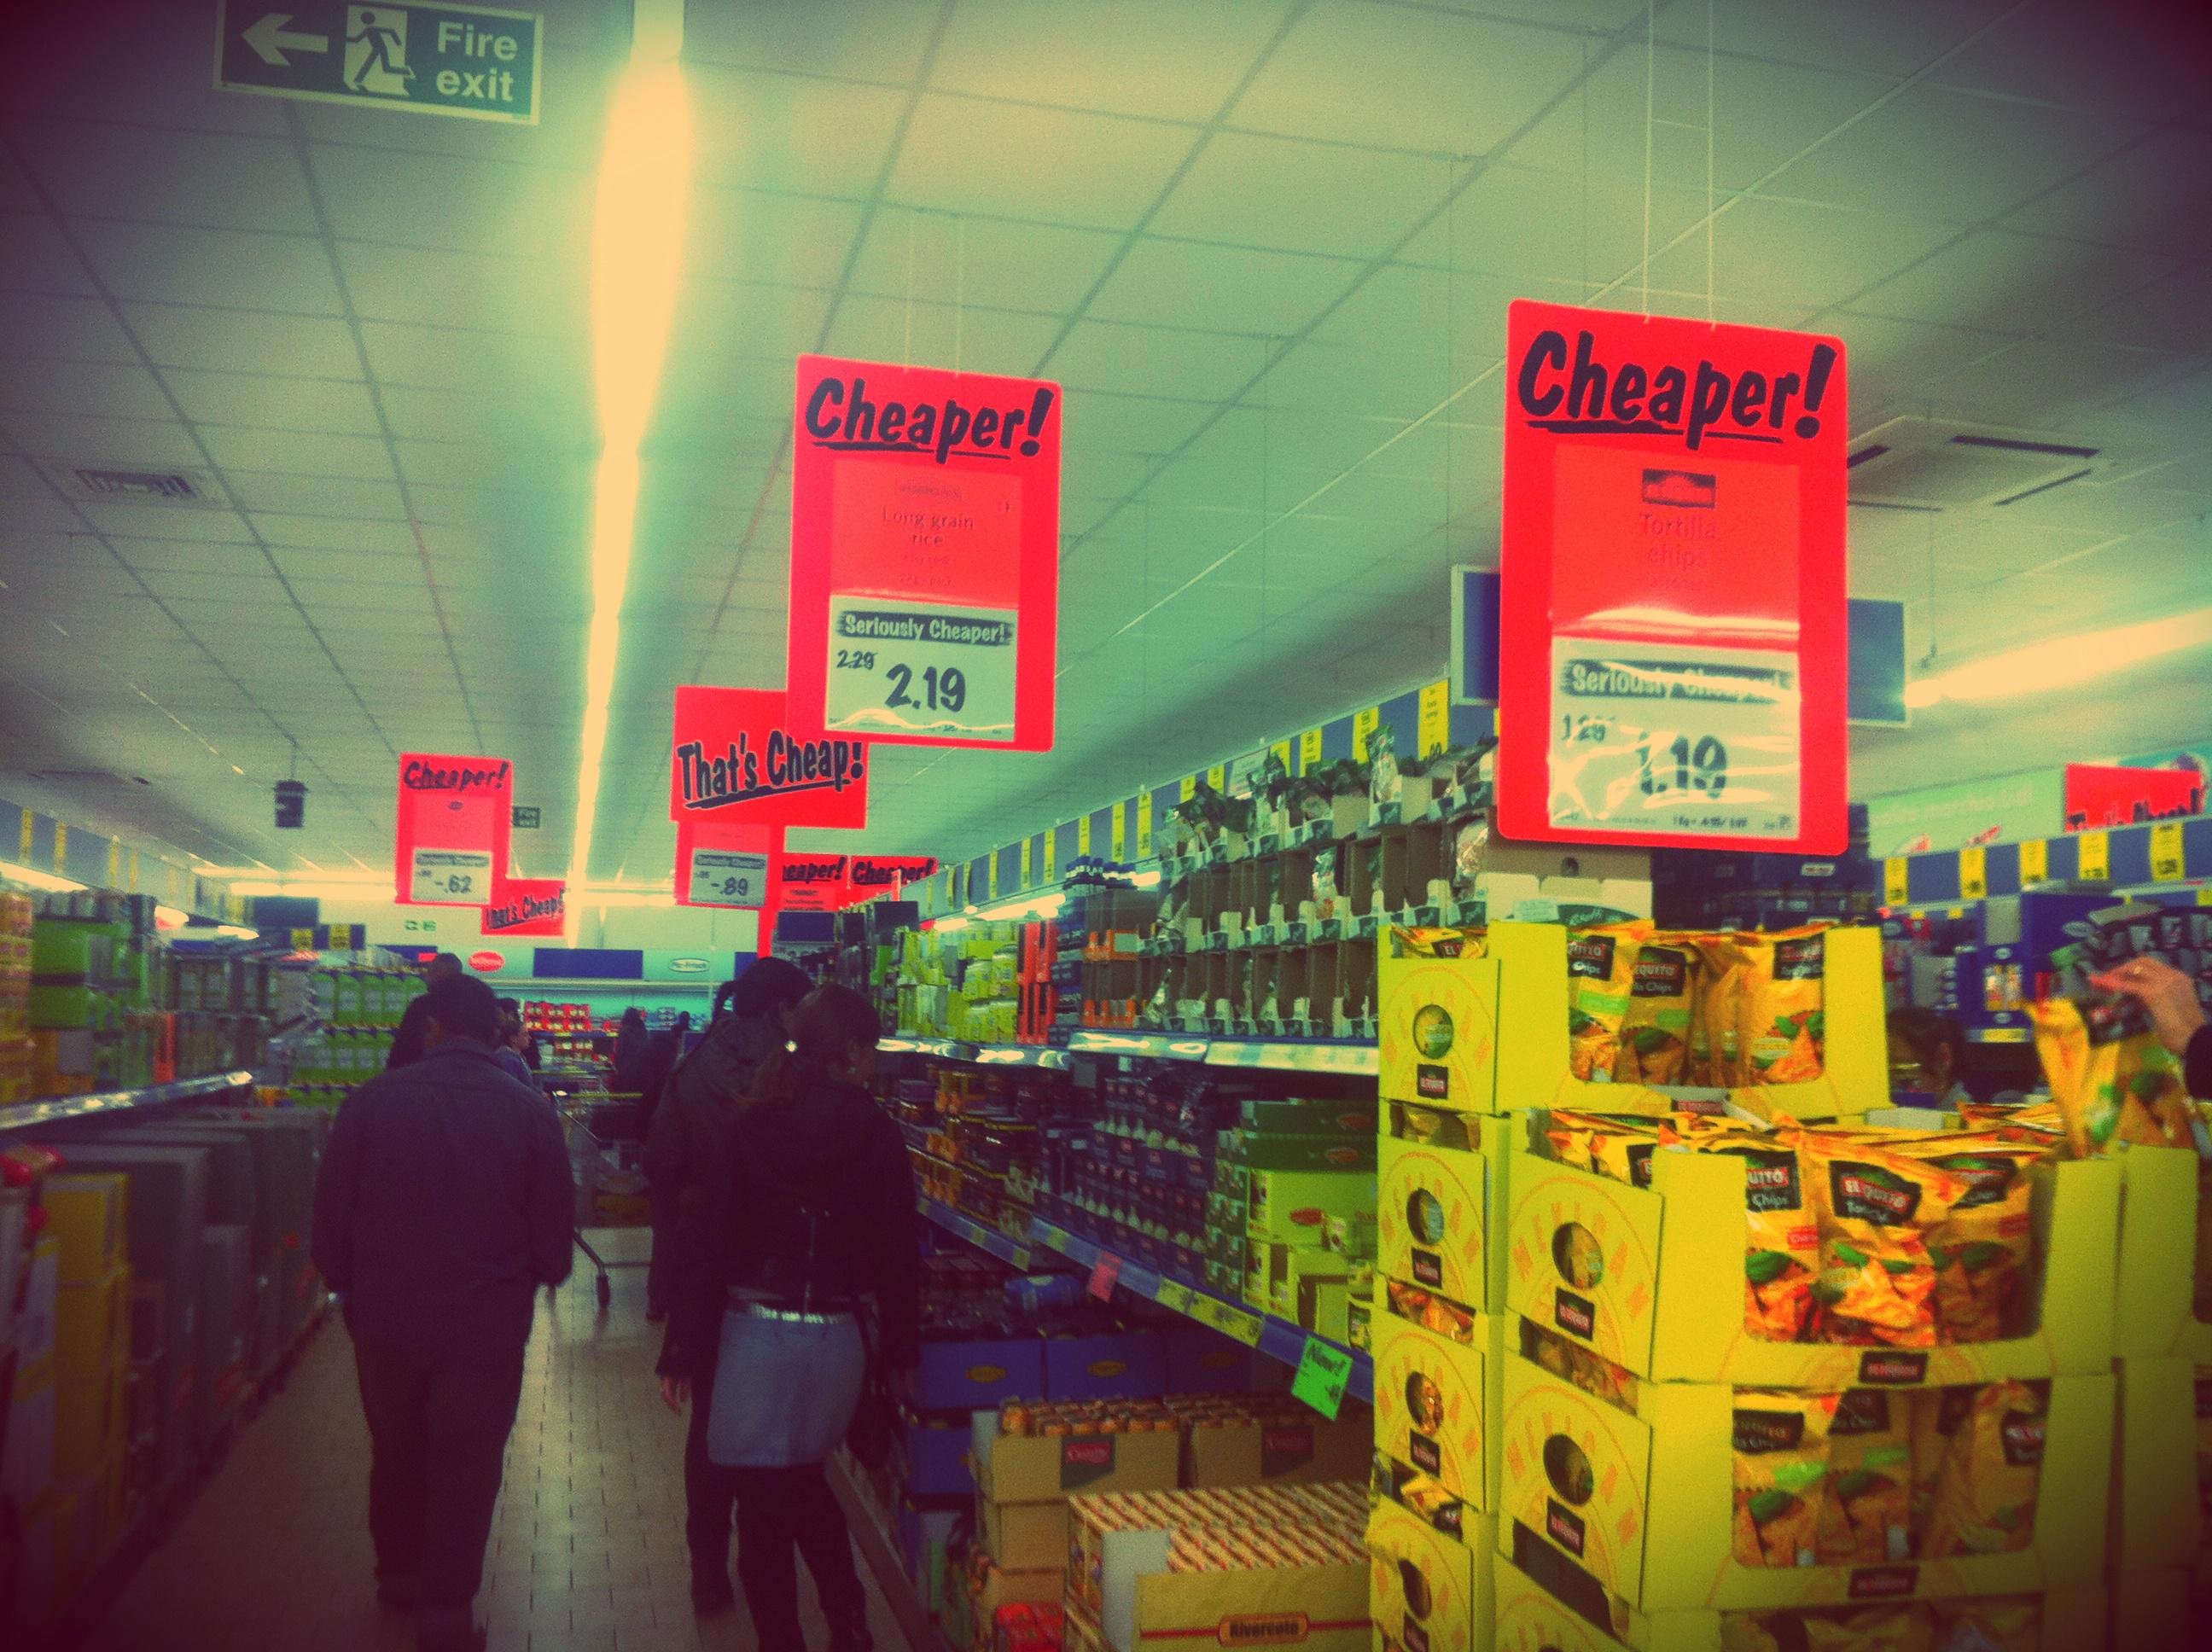 supermercado barato em Malta